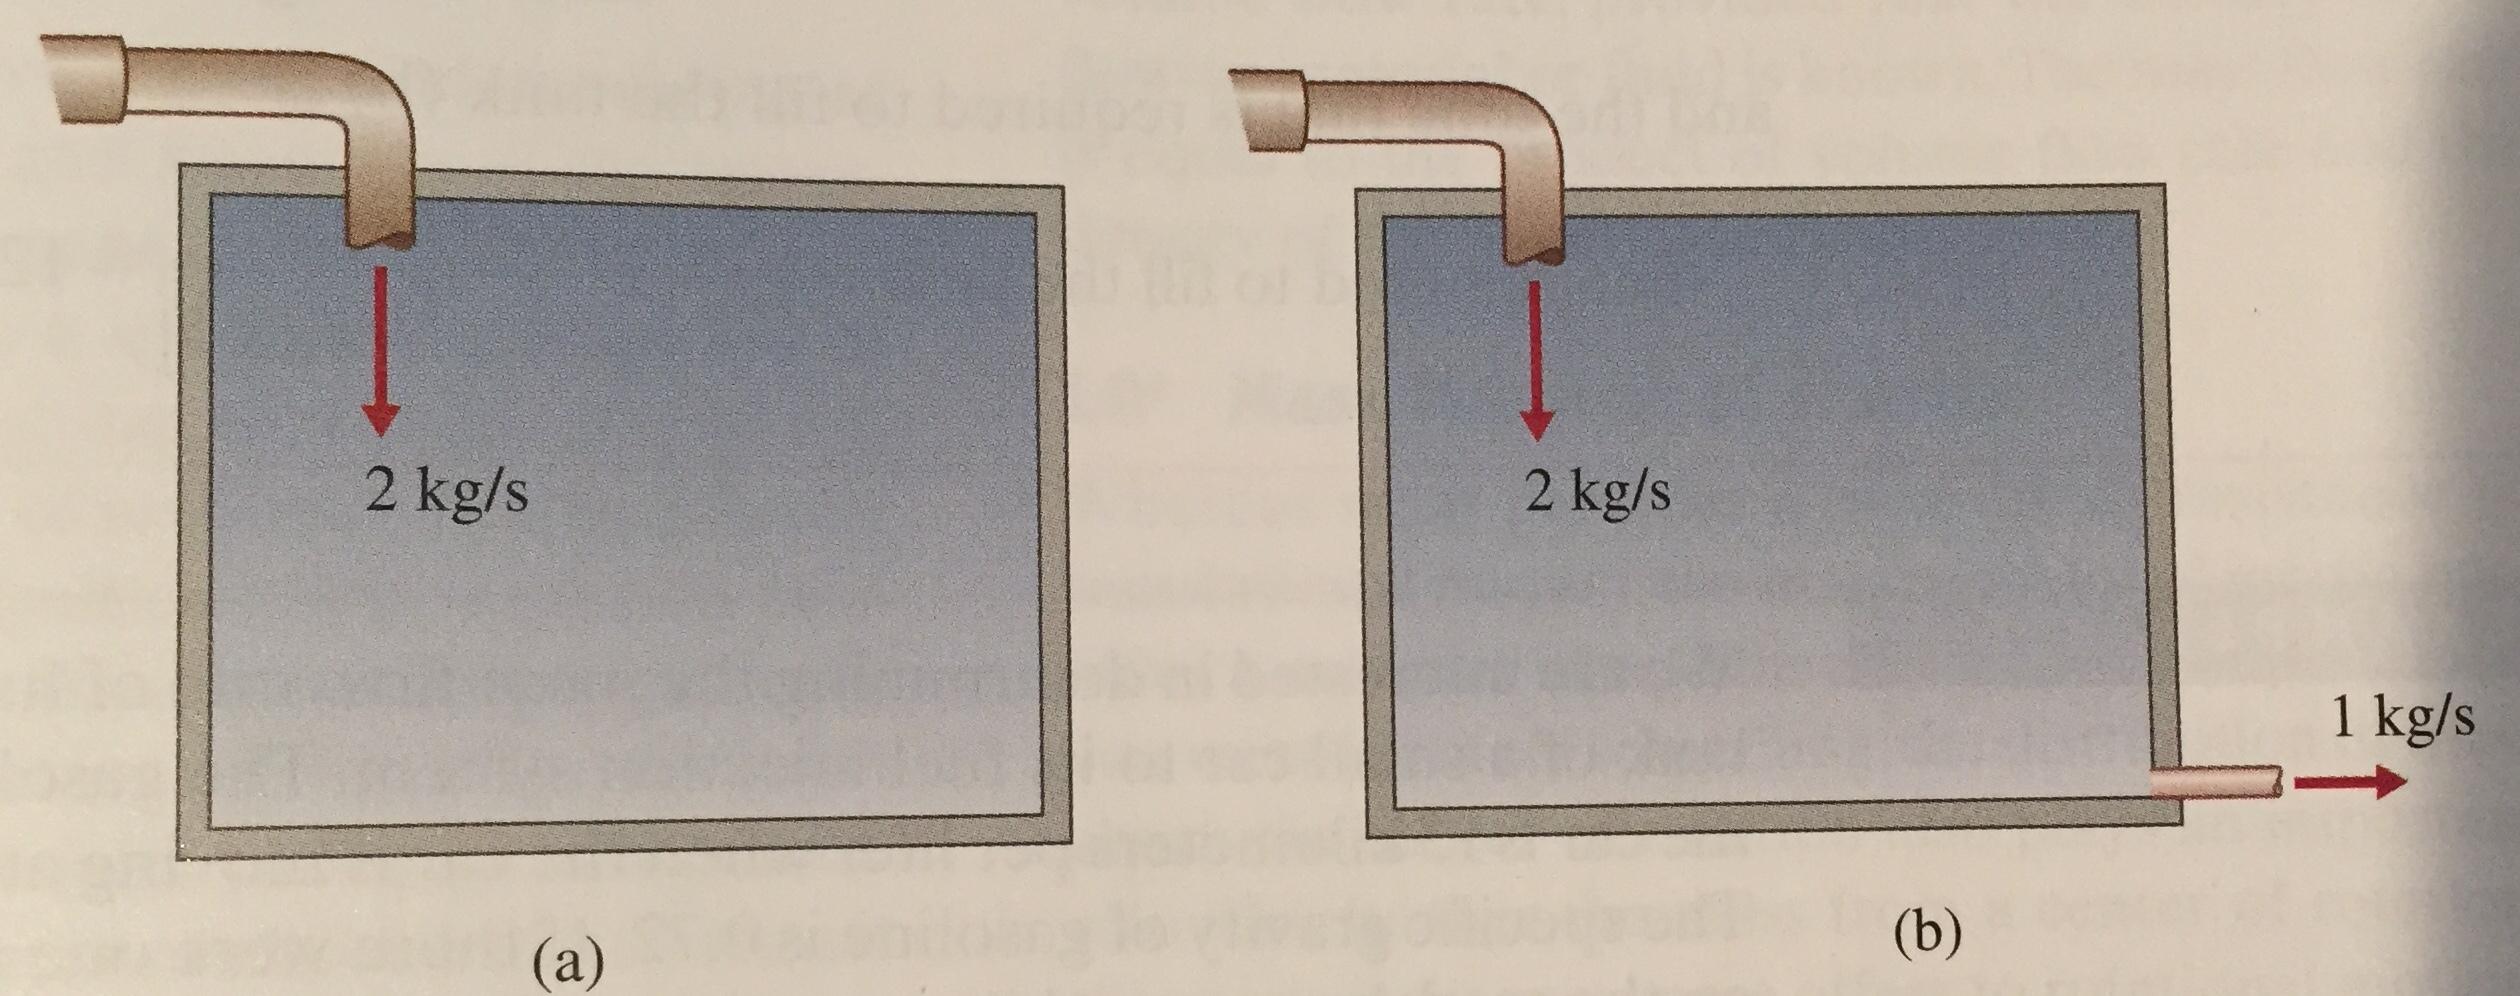 2 kg/s 2 kg/s 1 kg/s (b) (а)